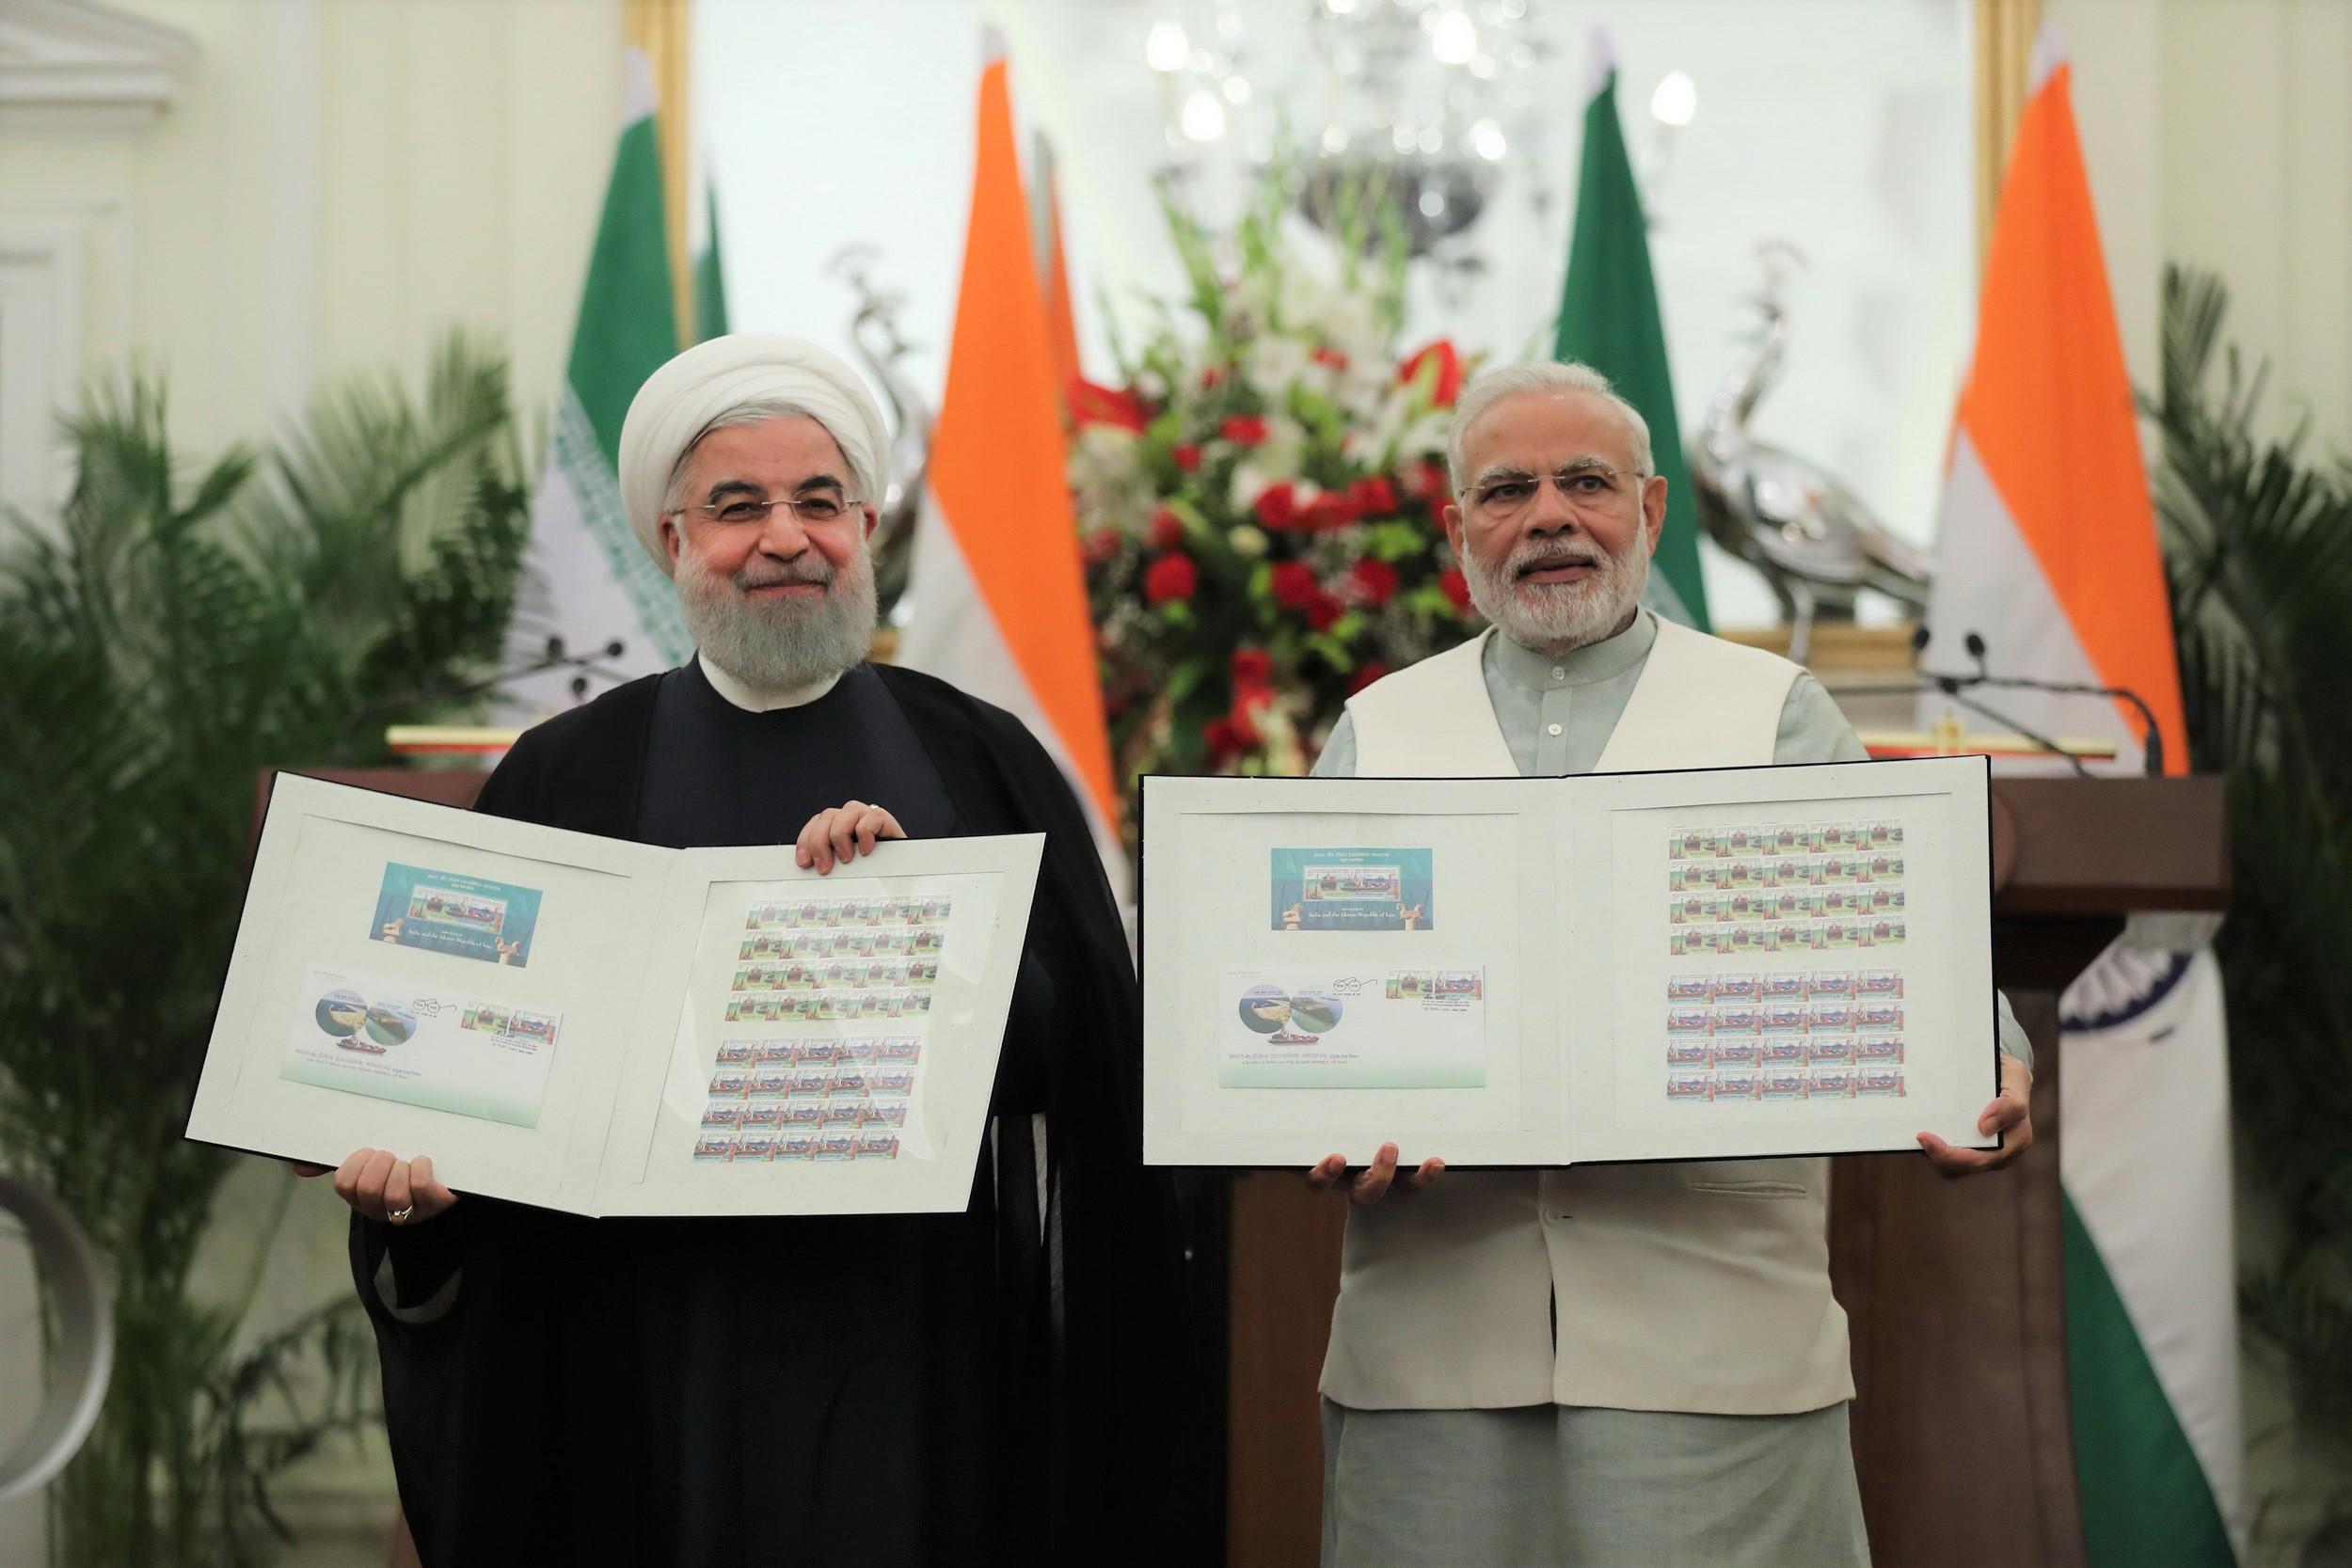 Rouhani and Modi